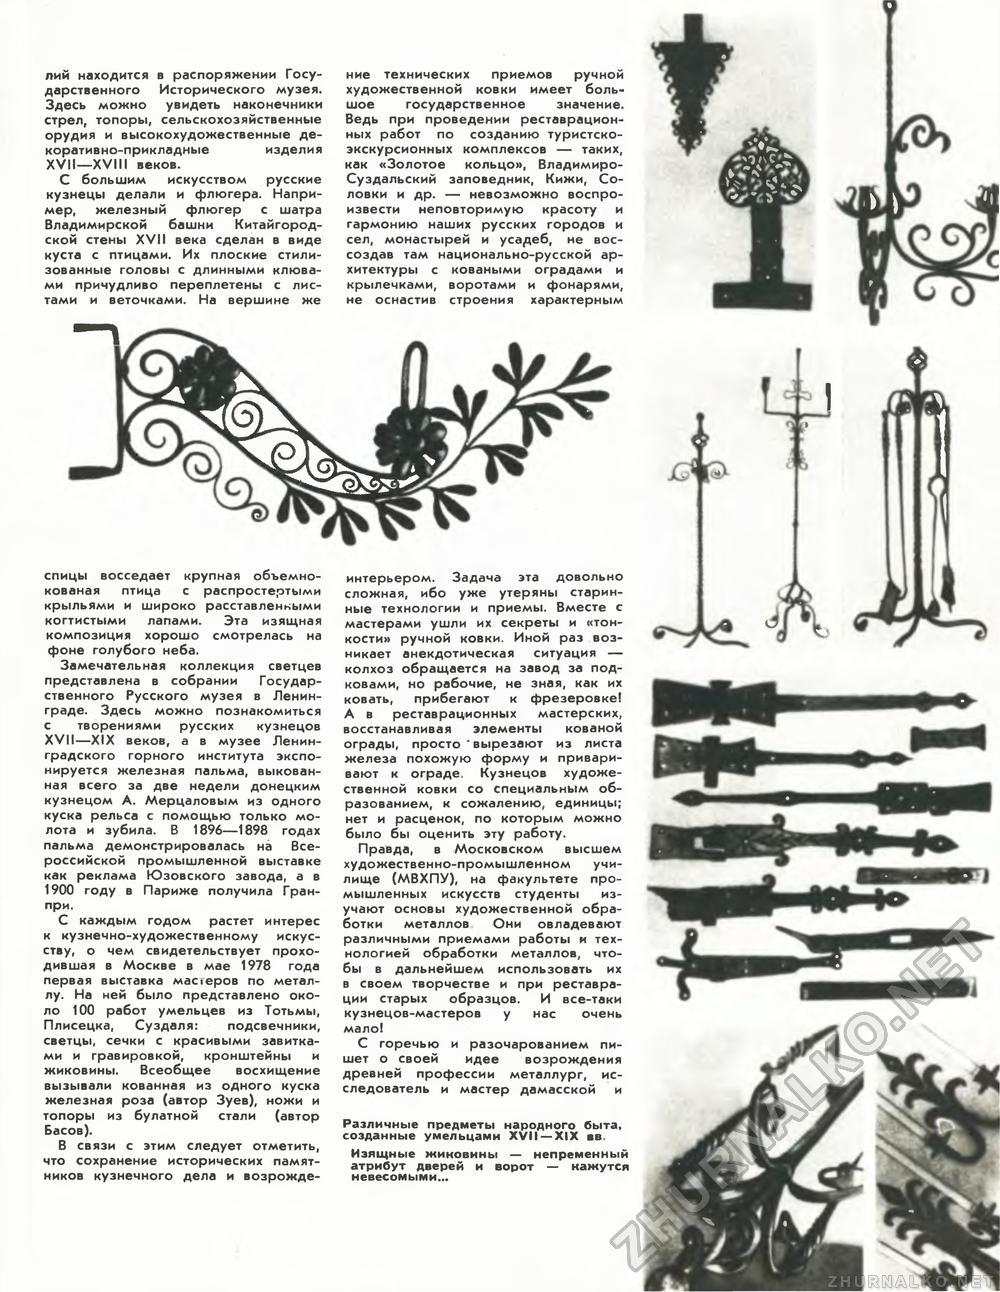 Изделия из меди путем ковки из меди изготавливали топоры тёсла кинжалы наконечники копий посуда наконечники стрел